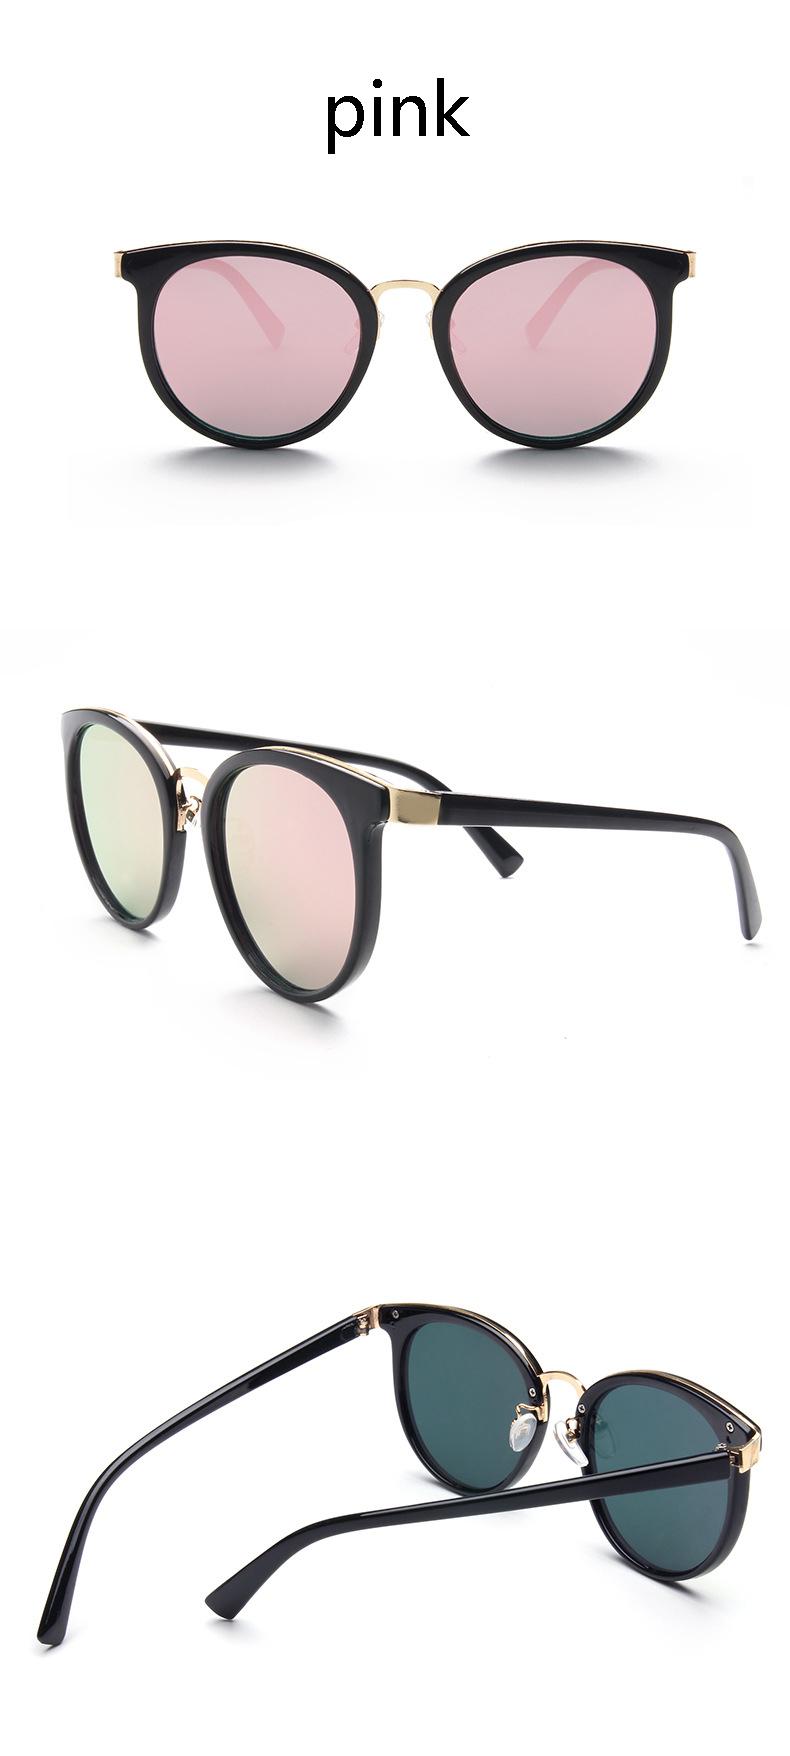 HTB1jj6fPXXXXXcEXVXXq6xXFXXXl - Cat Eye Pink Mirror Square Sunglasses 2018 New Fashion